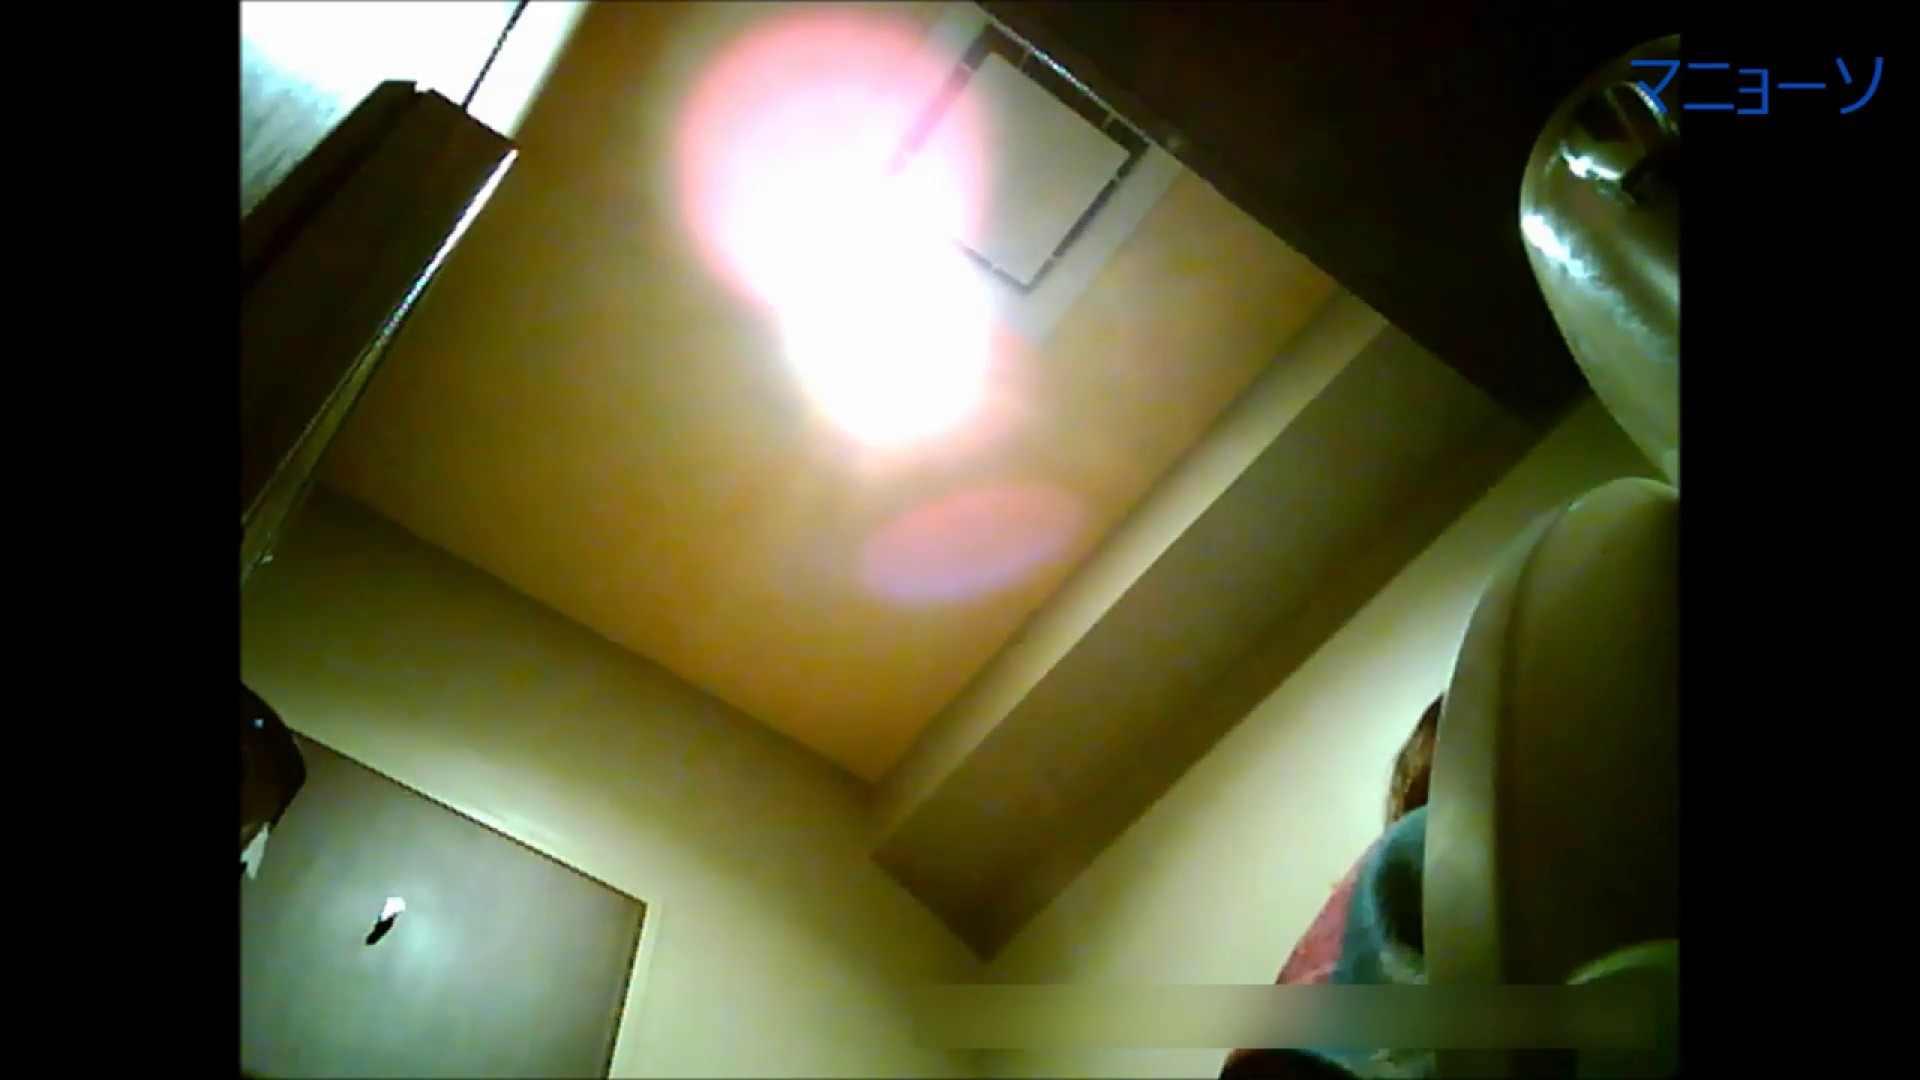 トイレでひと肌脱いでもらいました (JD編)Vol.02 トイレ | OLの実態  80pic 57